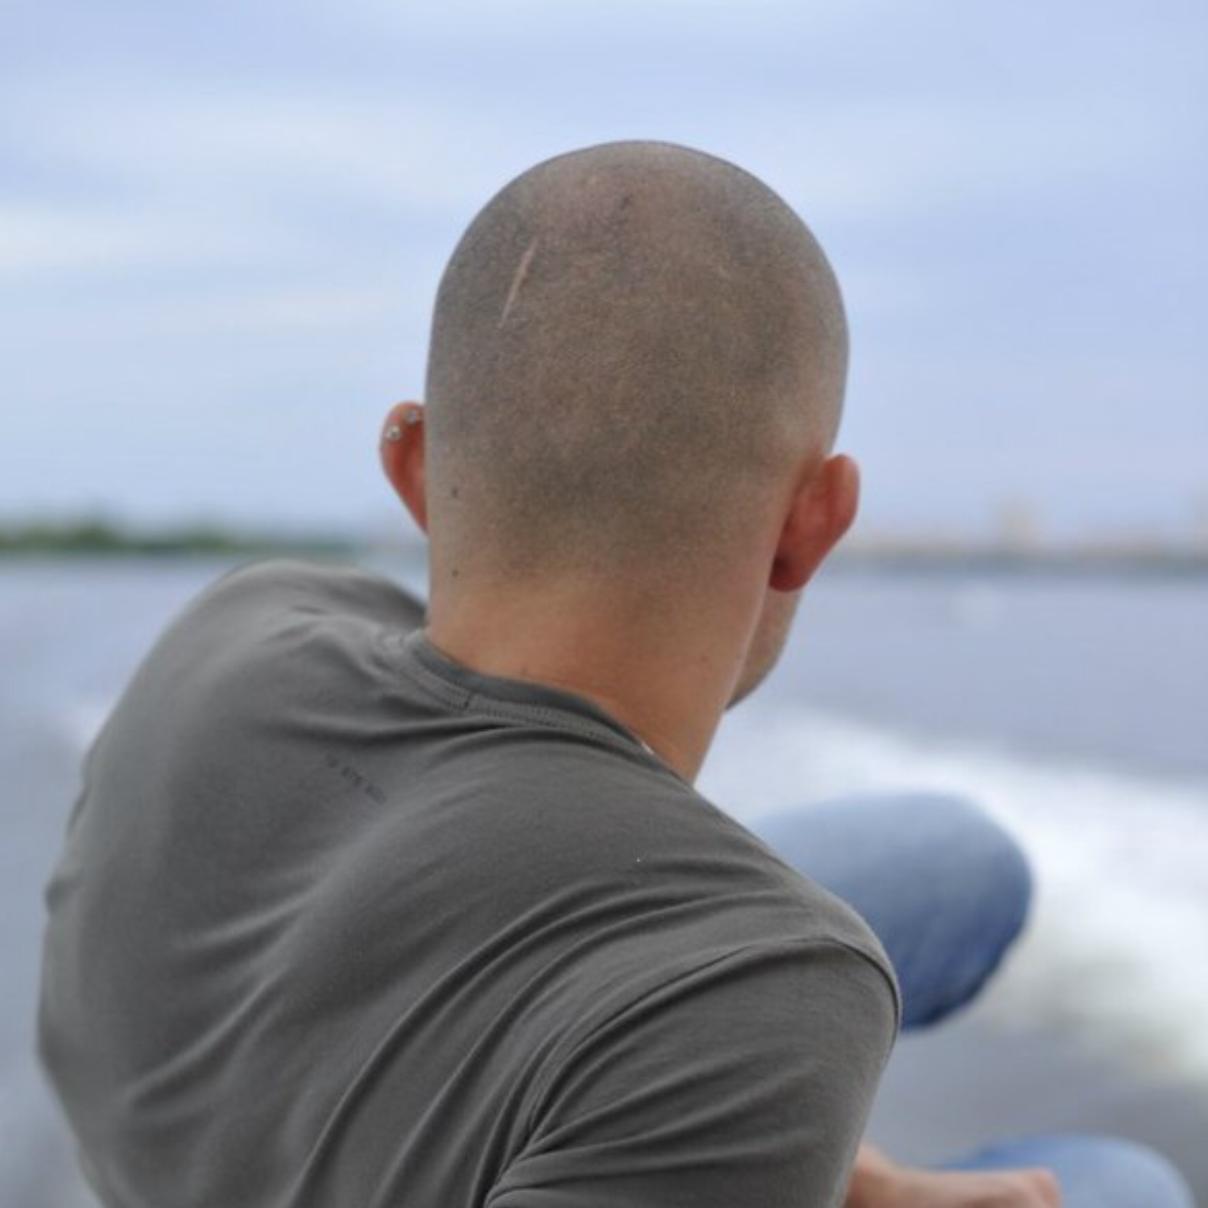 фото лысых мужчин со спины принципе, полезный инструмент